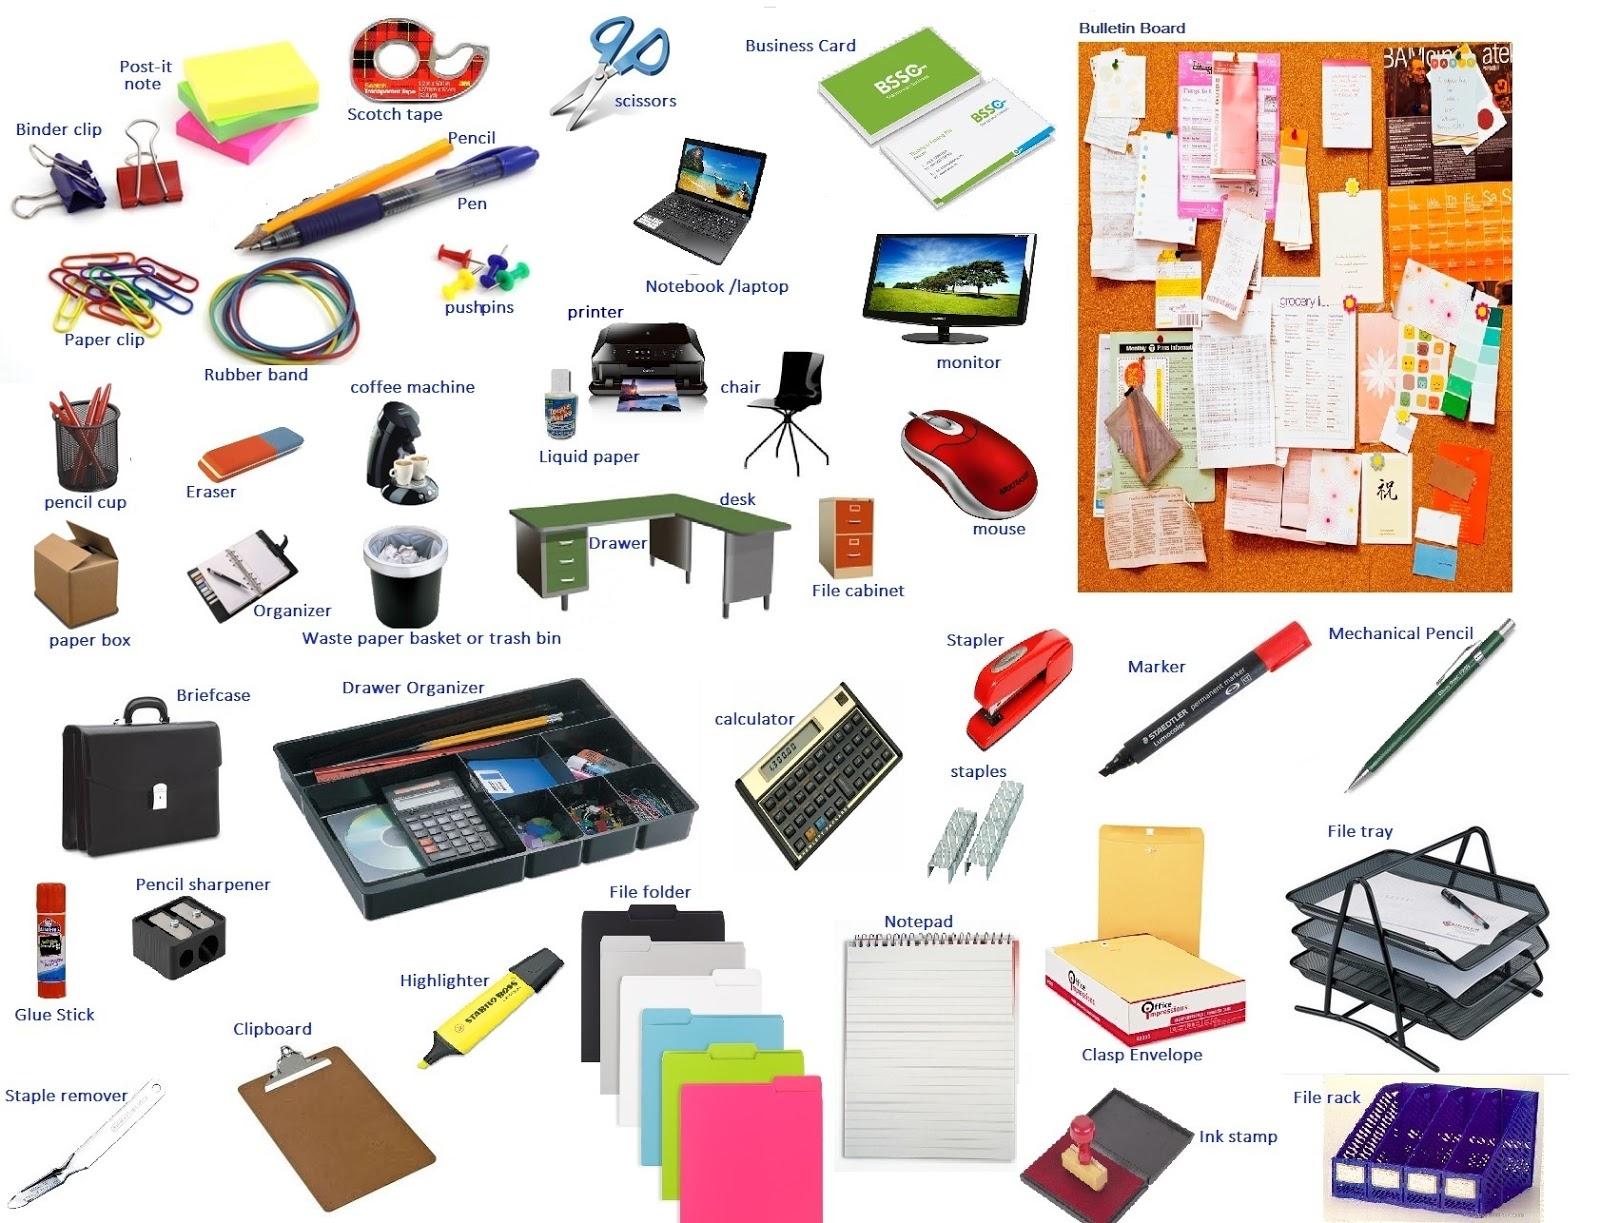 Gambar Office Stationary Beberapa Peralatan Yang Telah Disebutkan Diatas Merupakan Standar Minimal Ada Ketika Ingin Membeli Perlengkapan Kantor Untuk Lebih Lengkapnya Silahkan